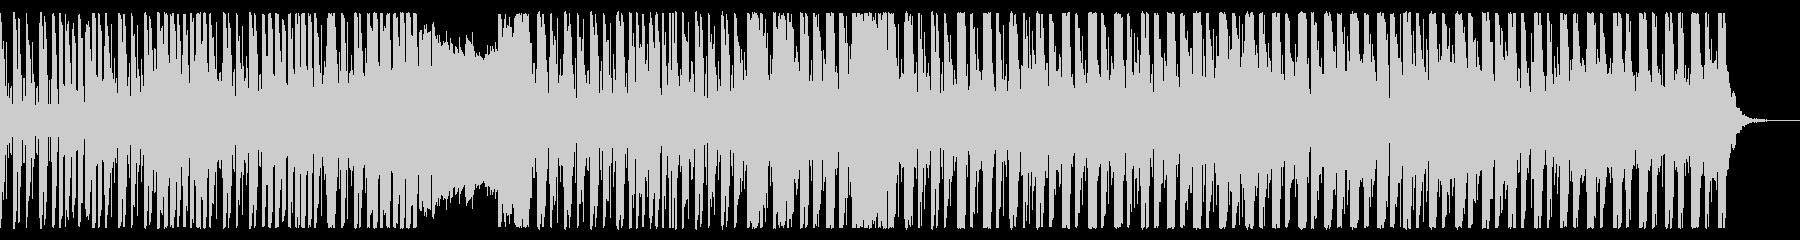 グルーヴィでクールなエレクトロニカの未再生の波形